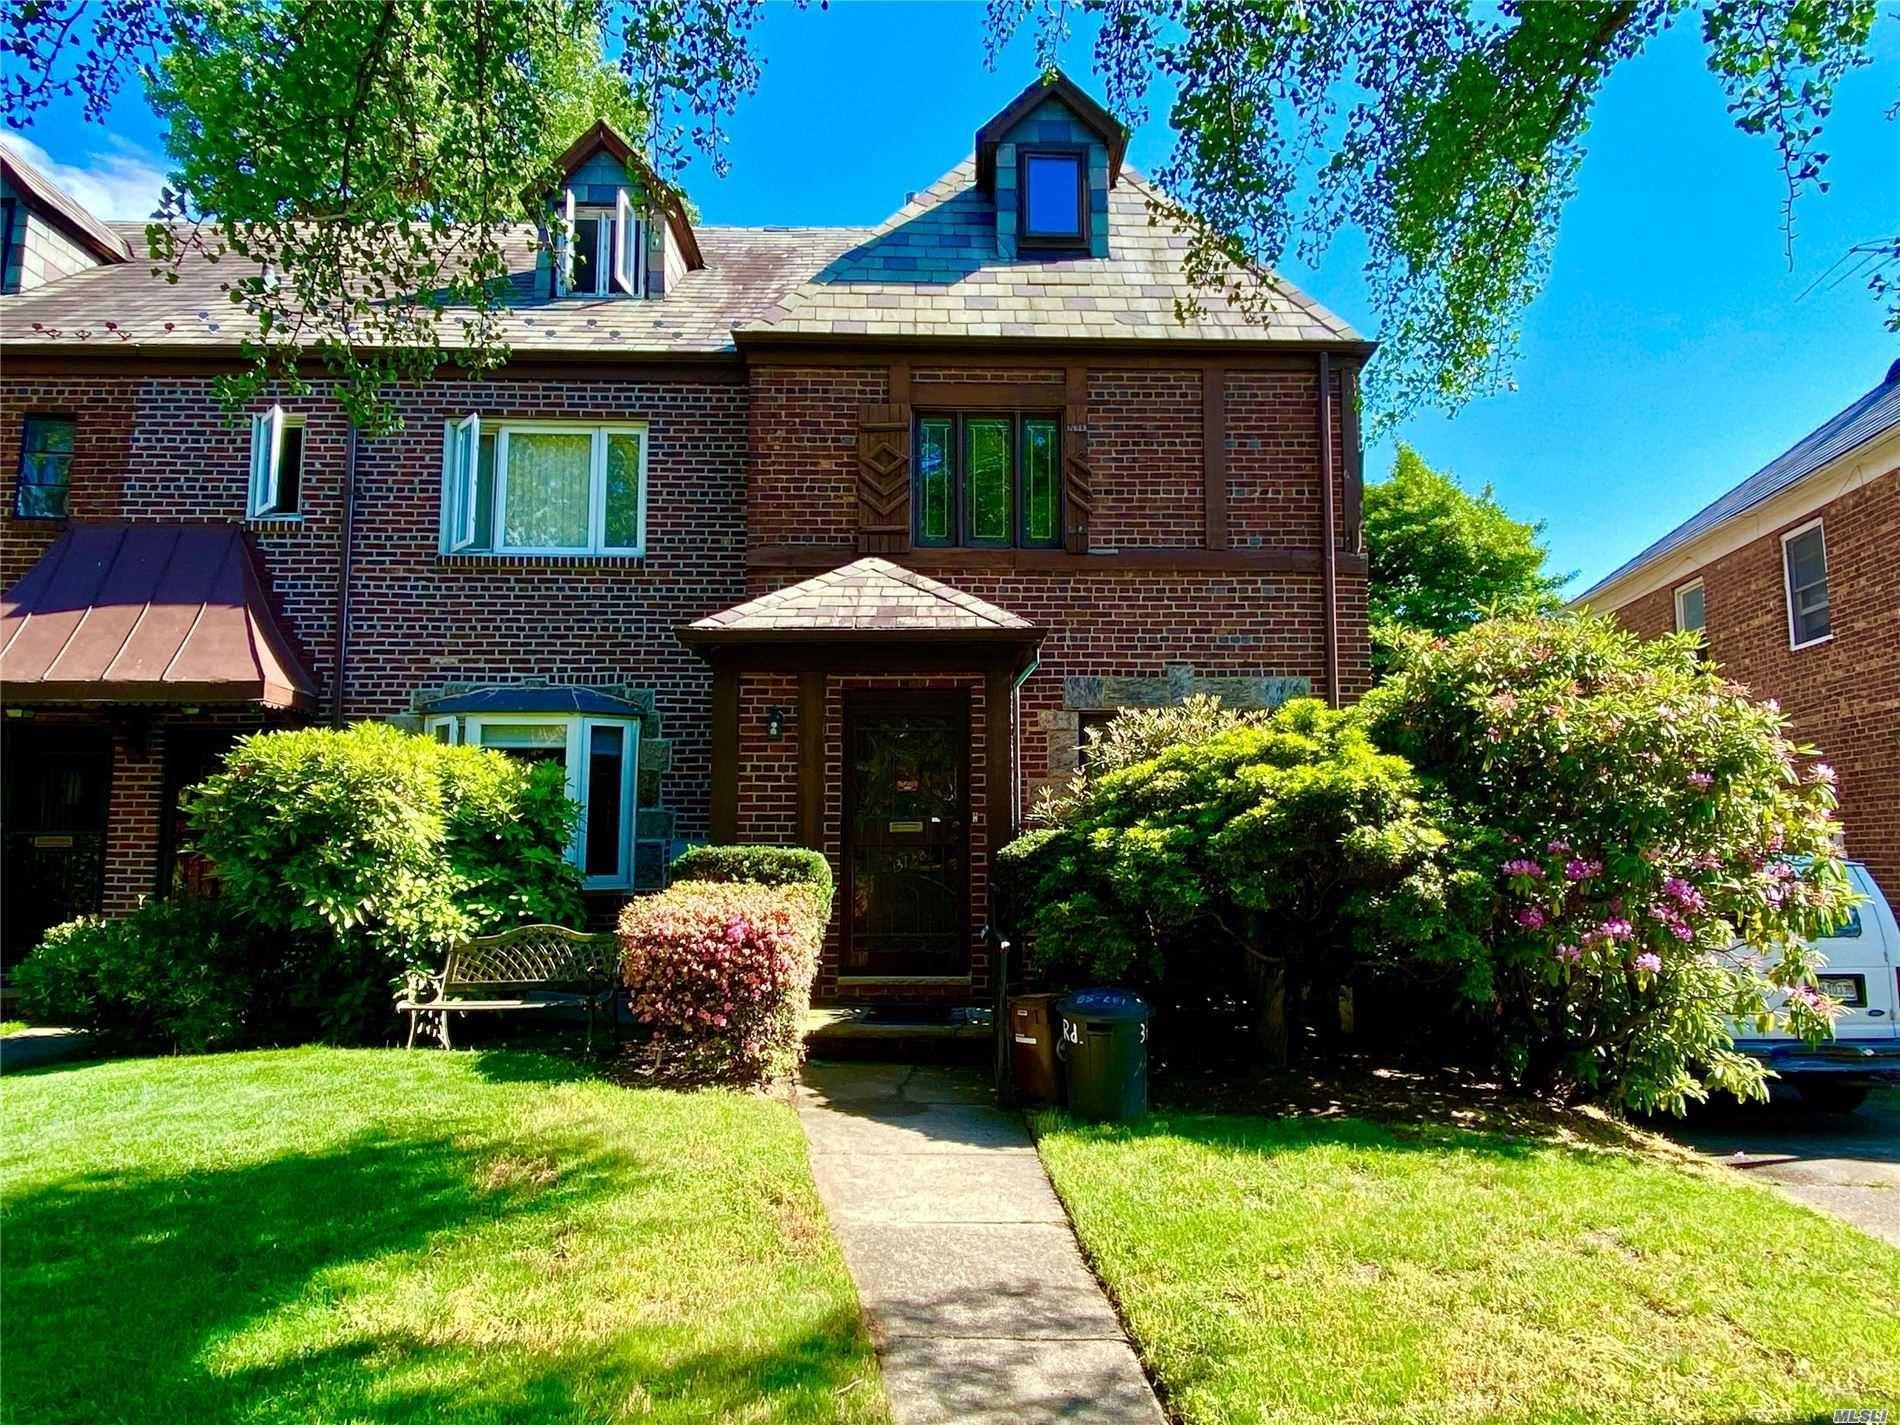 137-58 75th Road, Kew Garden Hills, NY 11367 - MLS#: 3207108